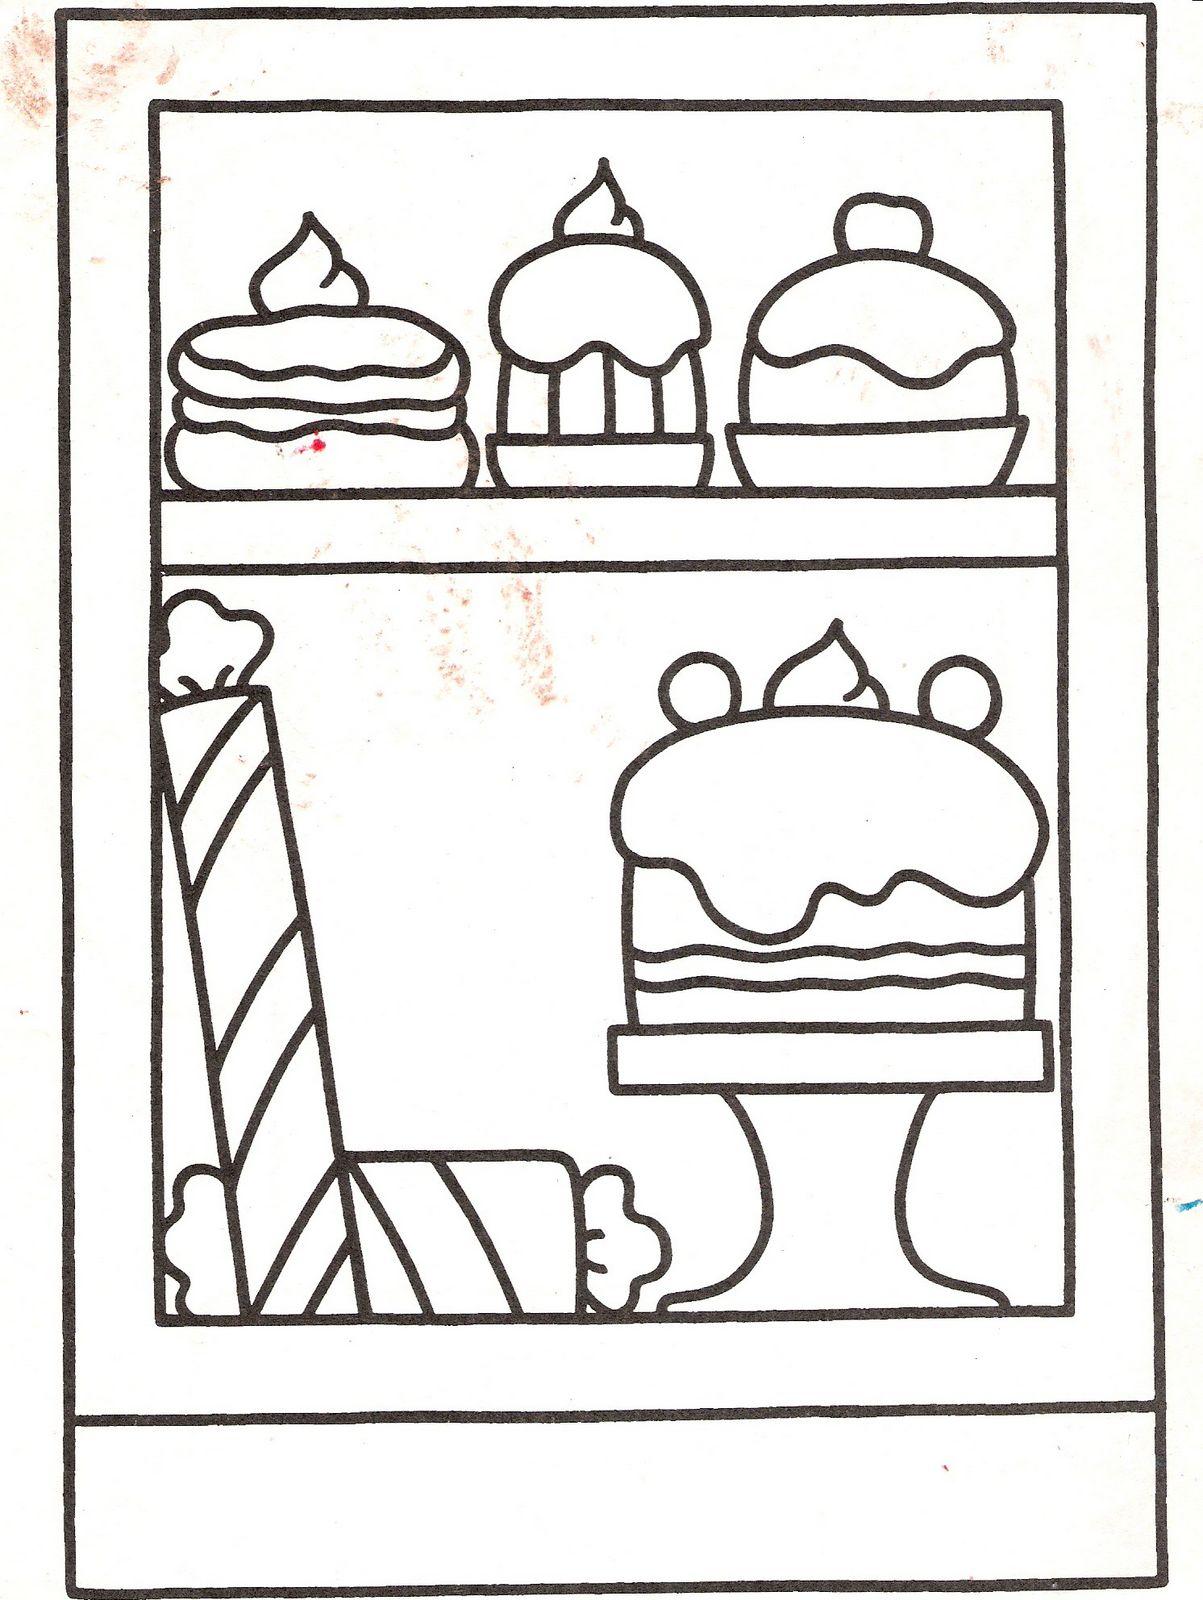 Pasteles para colorear - Dibujos para Colorear y Pintar Gratis